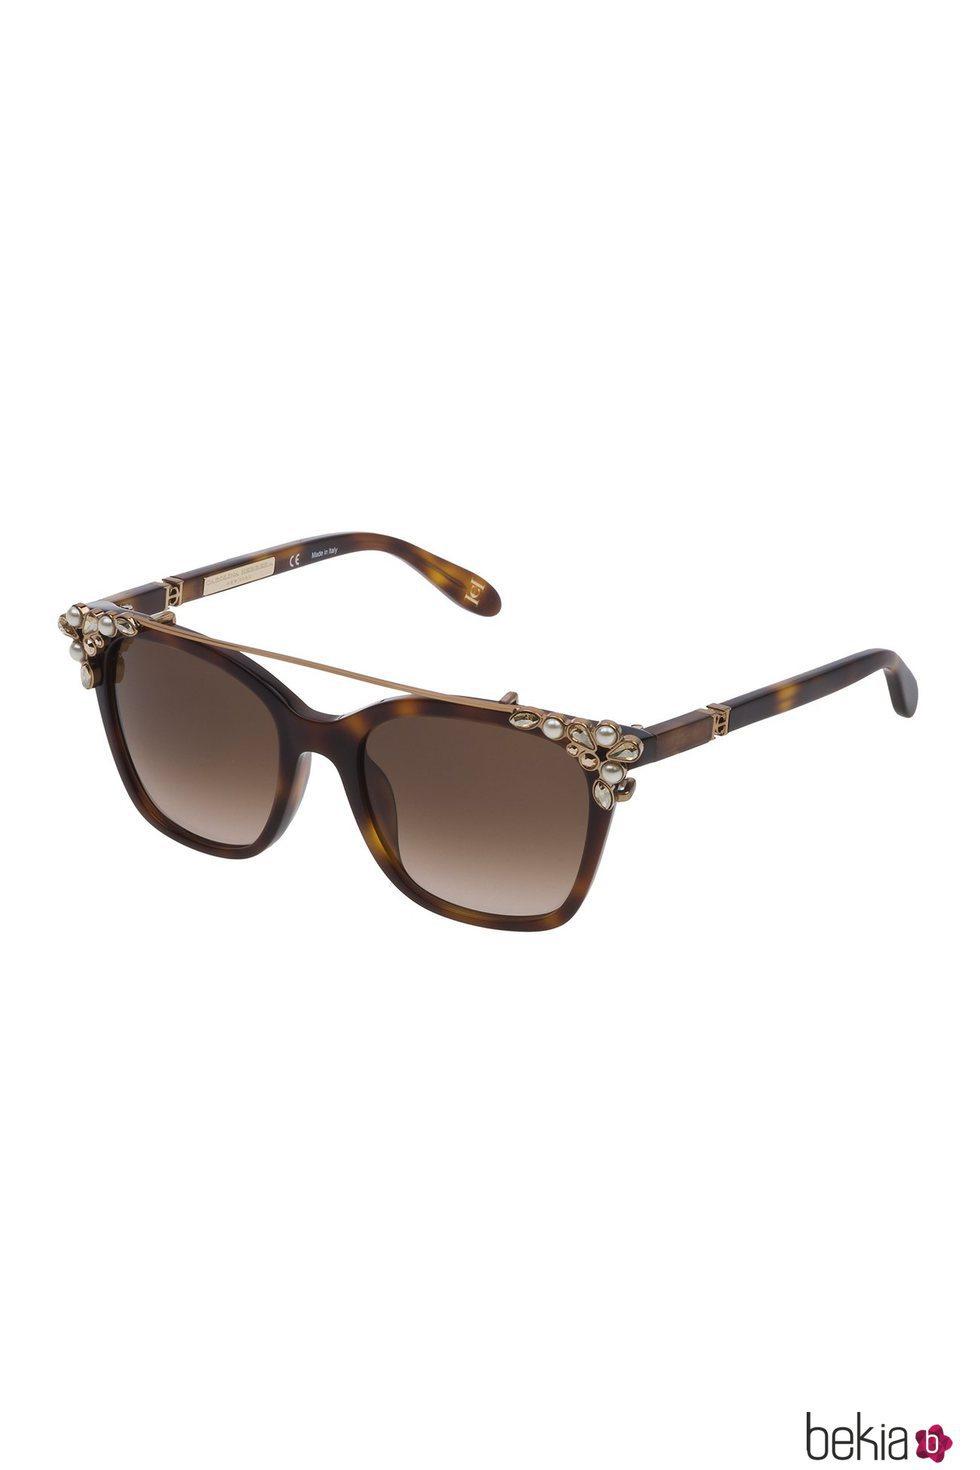 Nuevo diseño de gafas de Carolina Herrera en color marrón con el clip-on dorado de perlas 2018